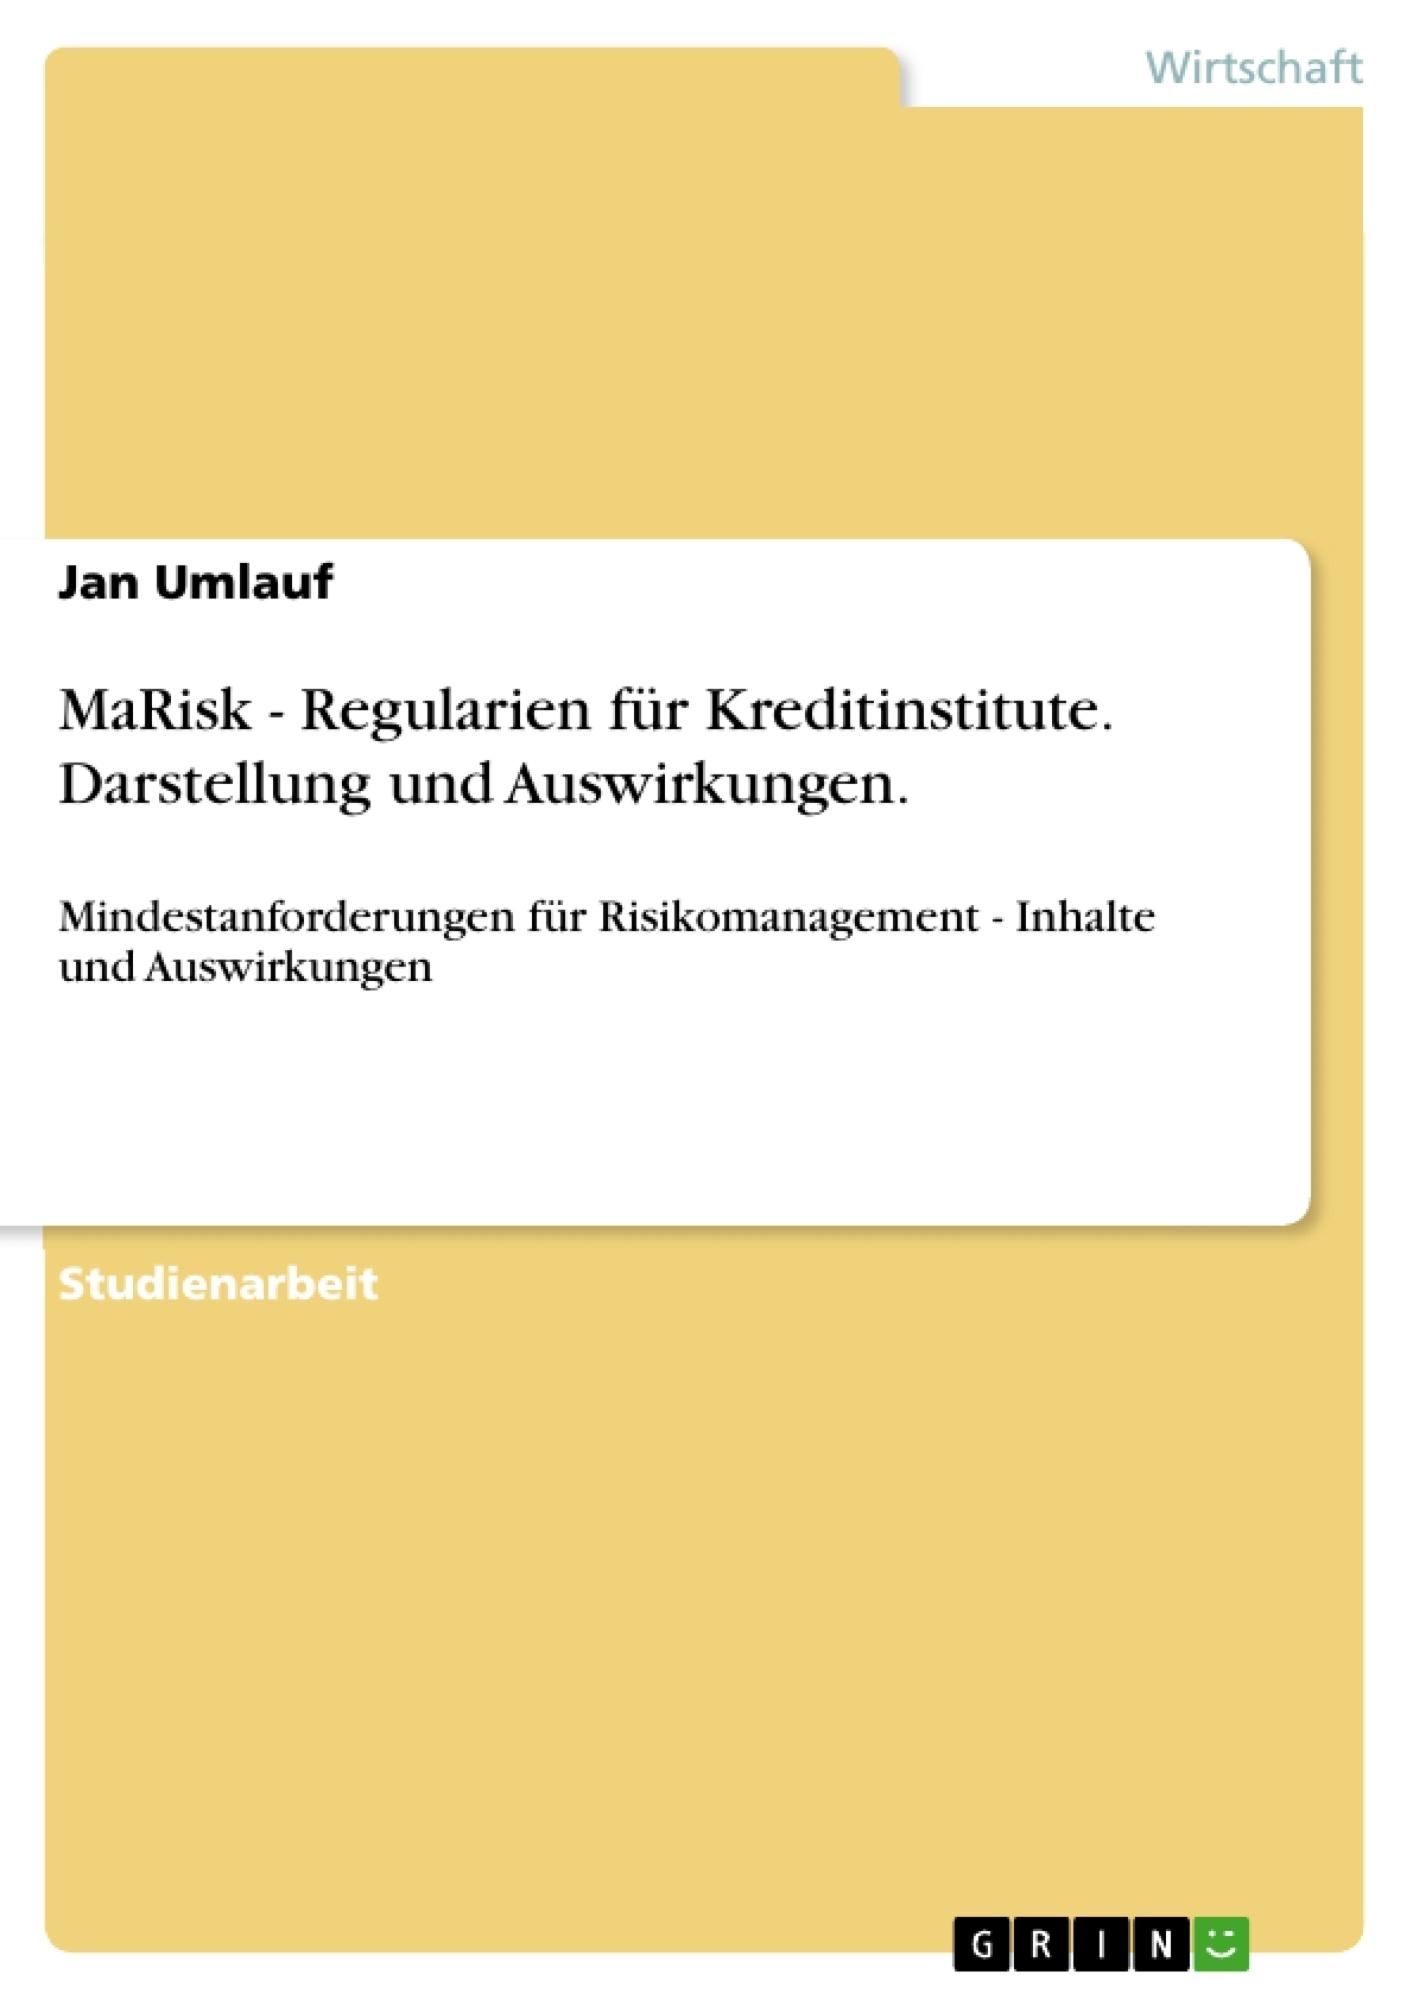 Titel: MaRisk - Regularien für Kreditinstitute. Darstellung und Auswirkungen.